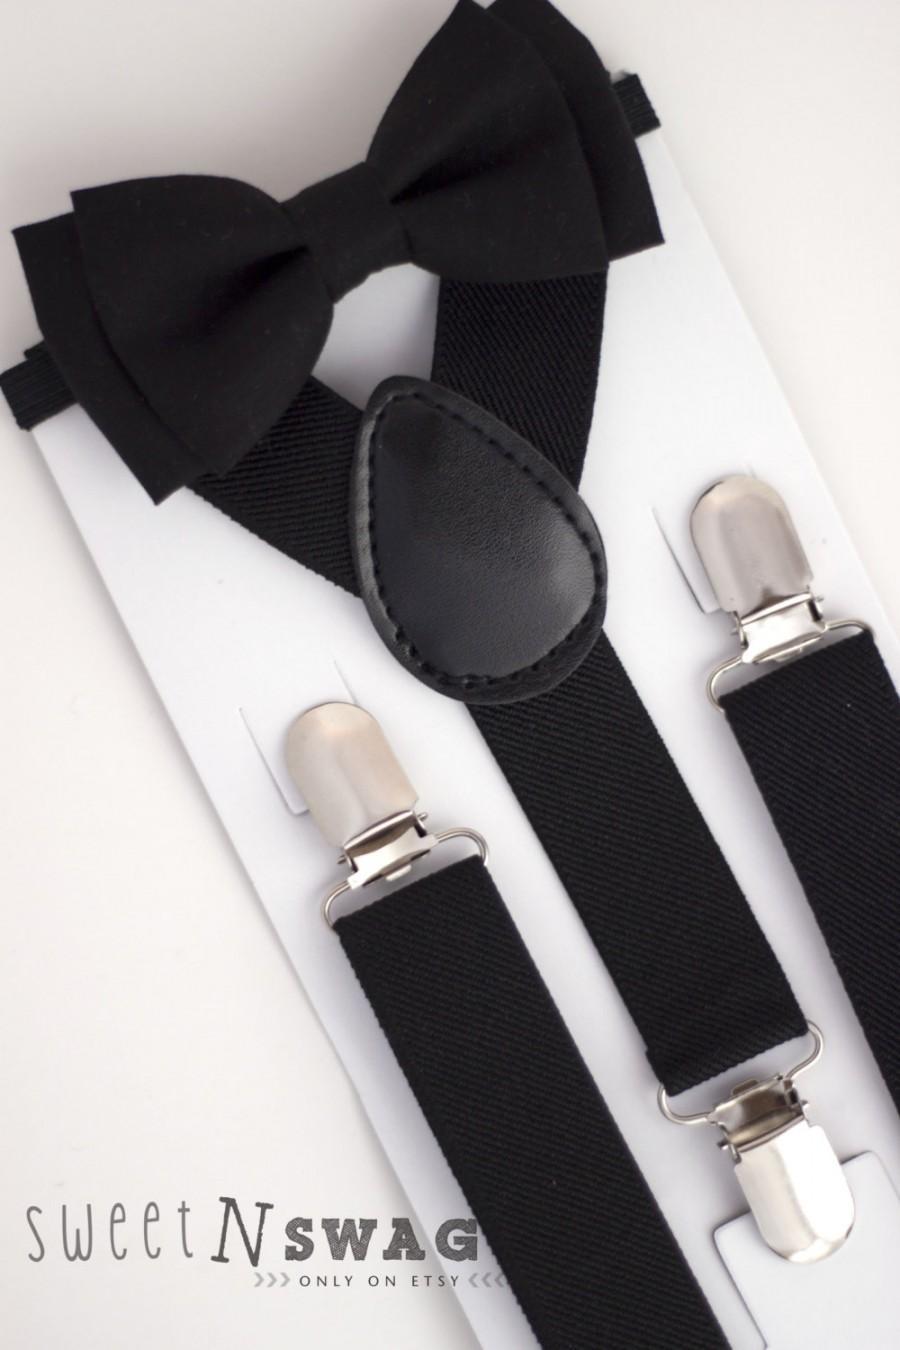 Wedding - SUSPENDER & BOWTIE SET.  Newborn - Adult sizes. Black Suspenders. Black bow tie.